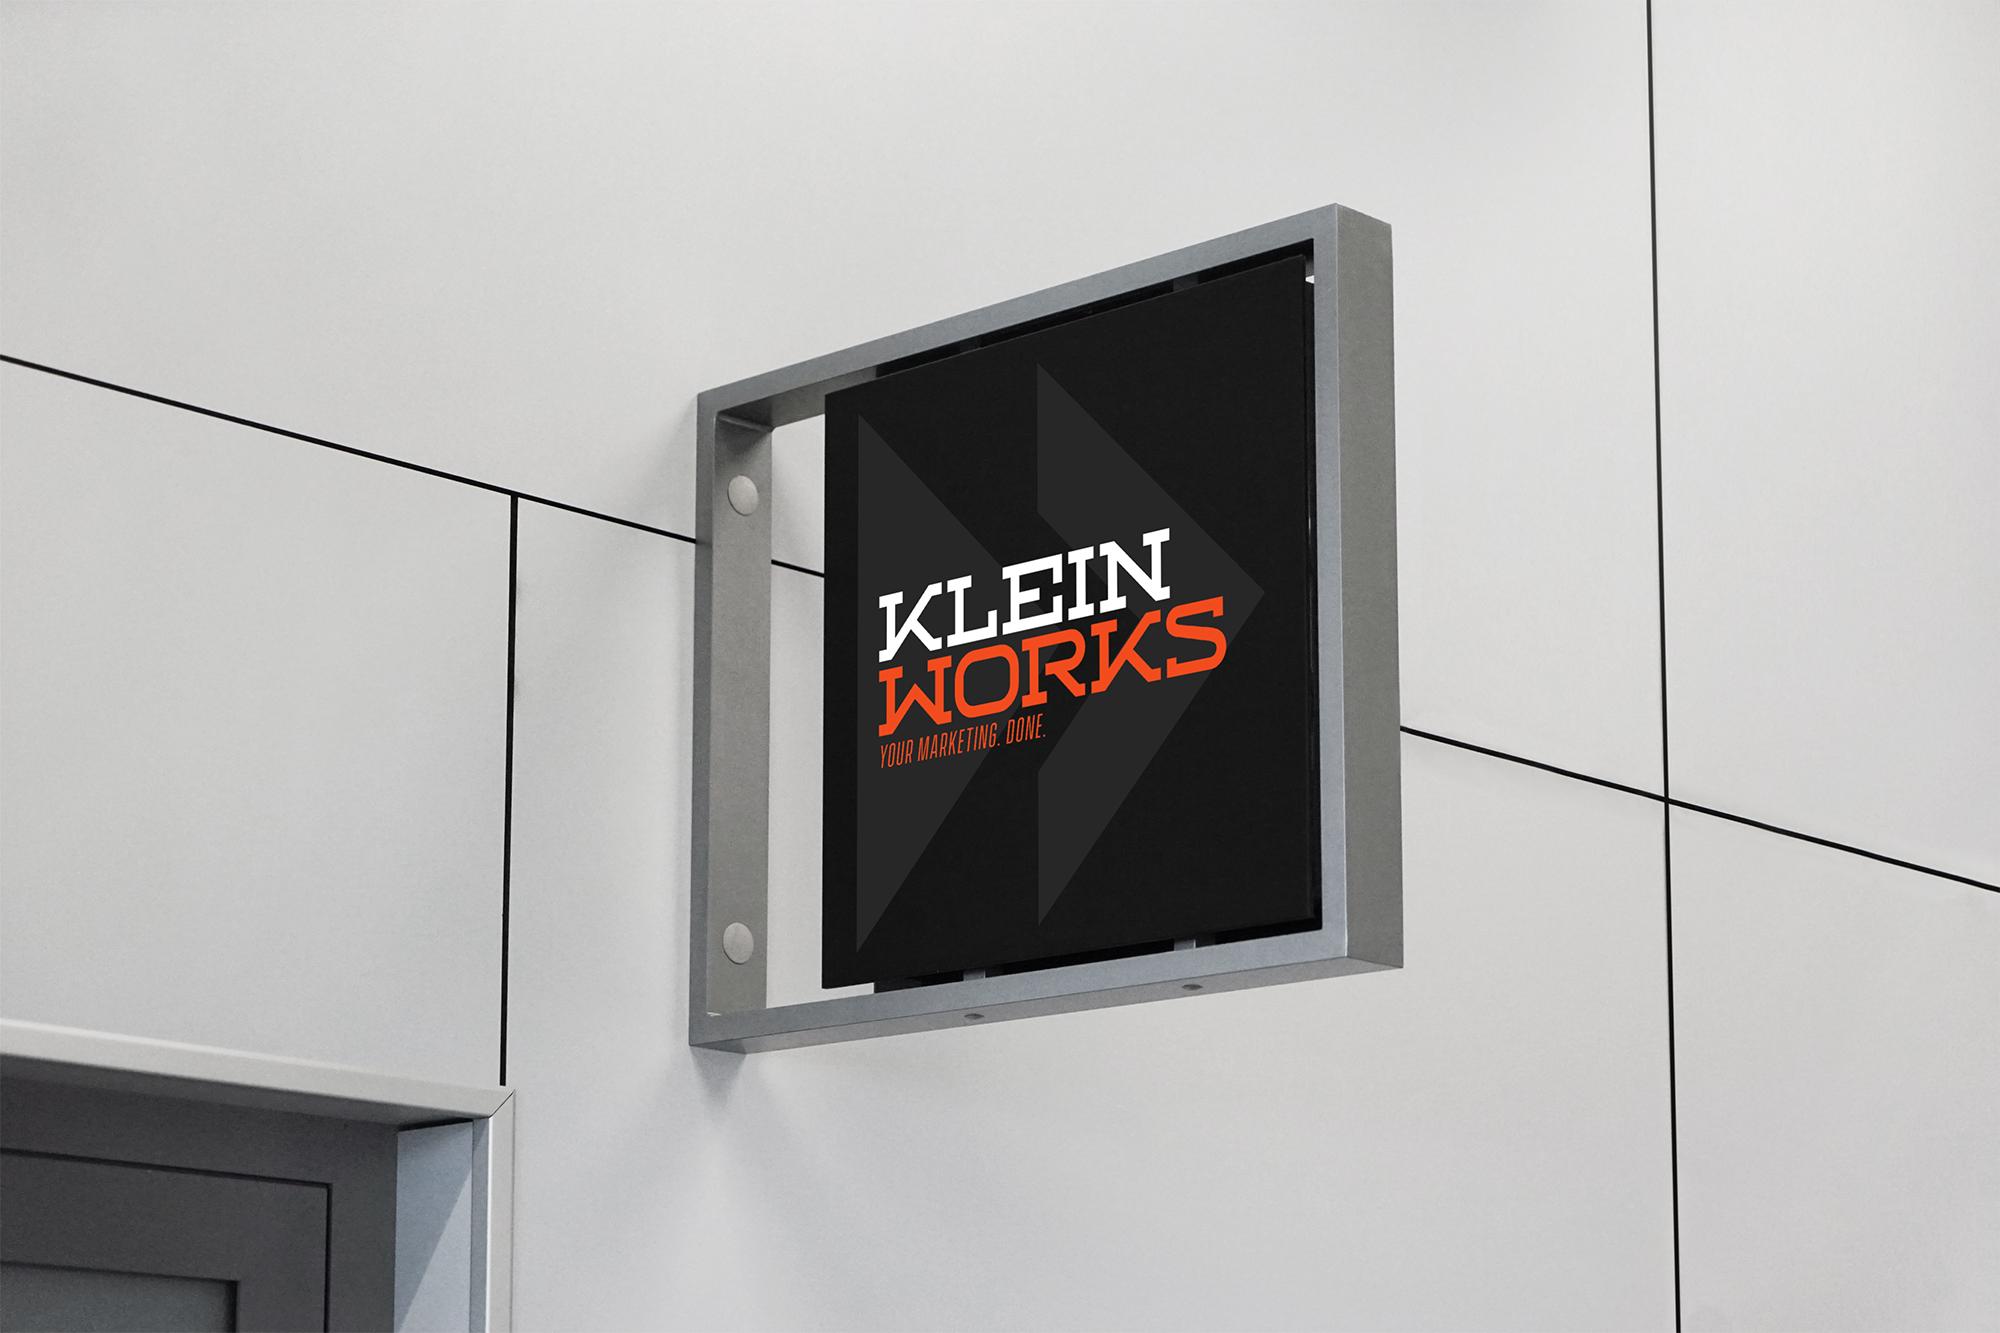 Kleinworks-bord